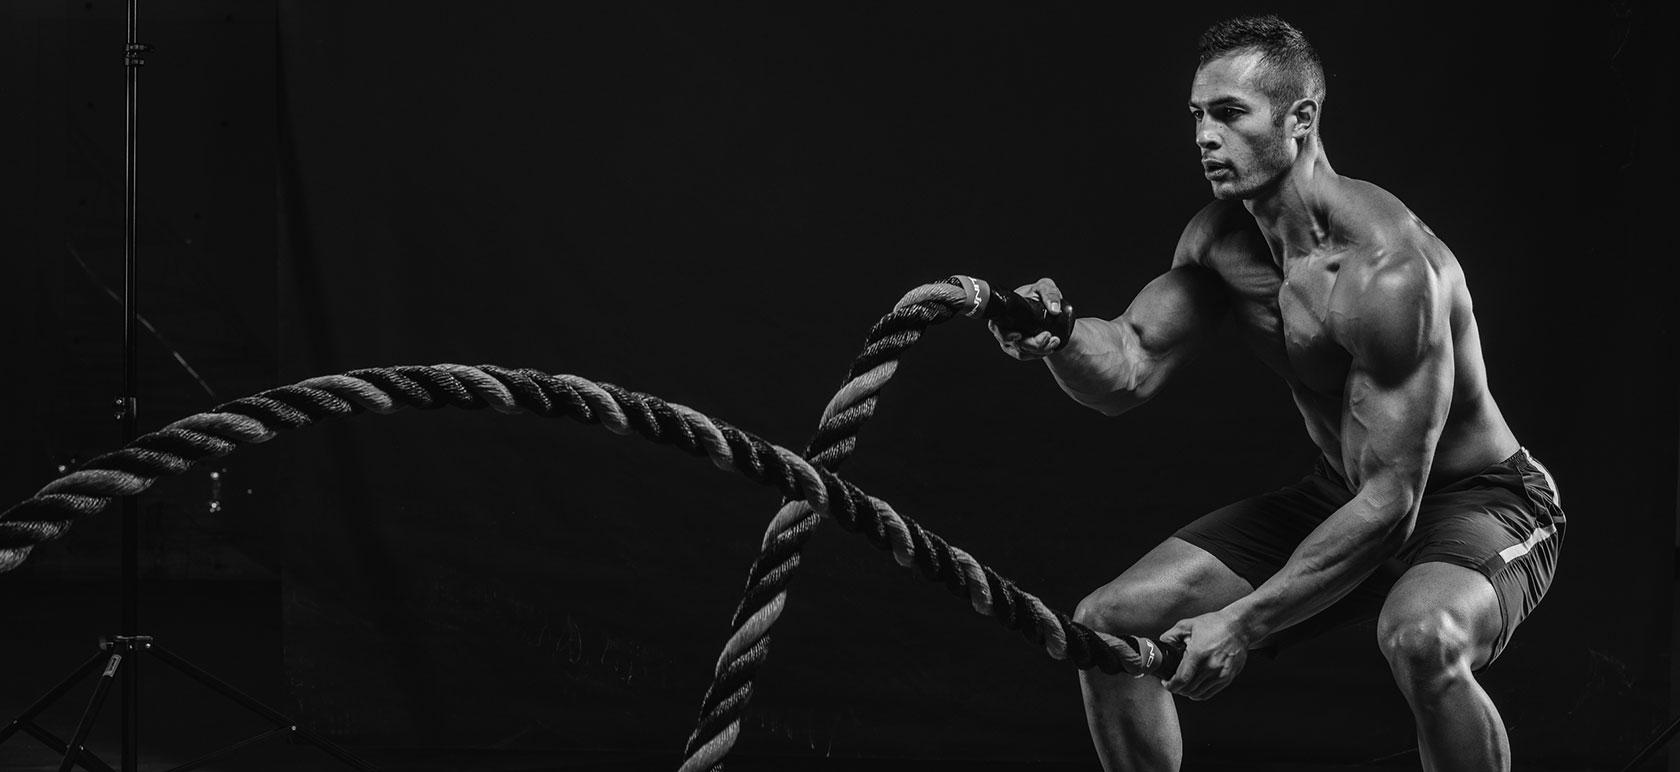 Battle ropes: el entrenamiento con cuerdas que está arrasando